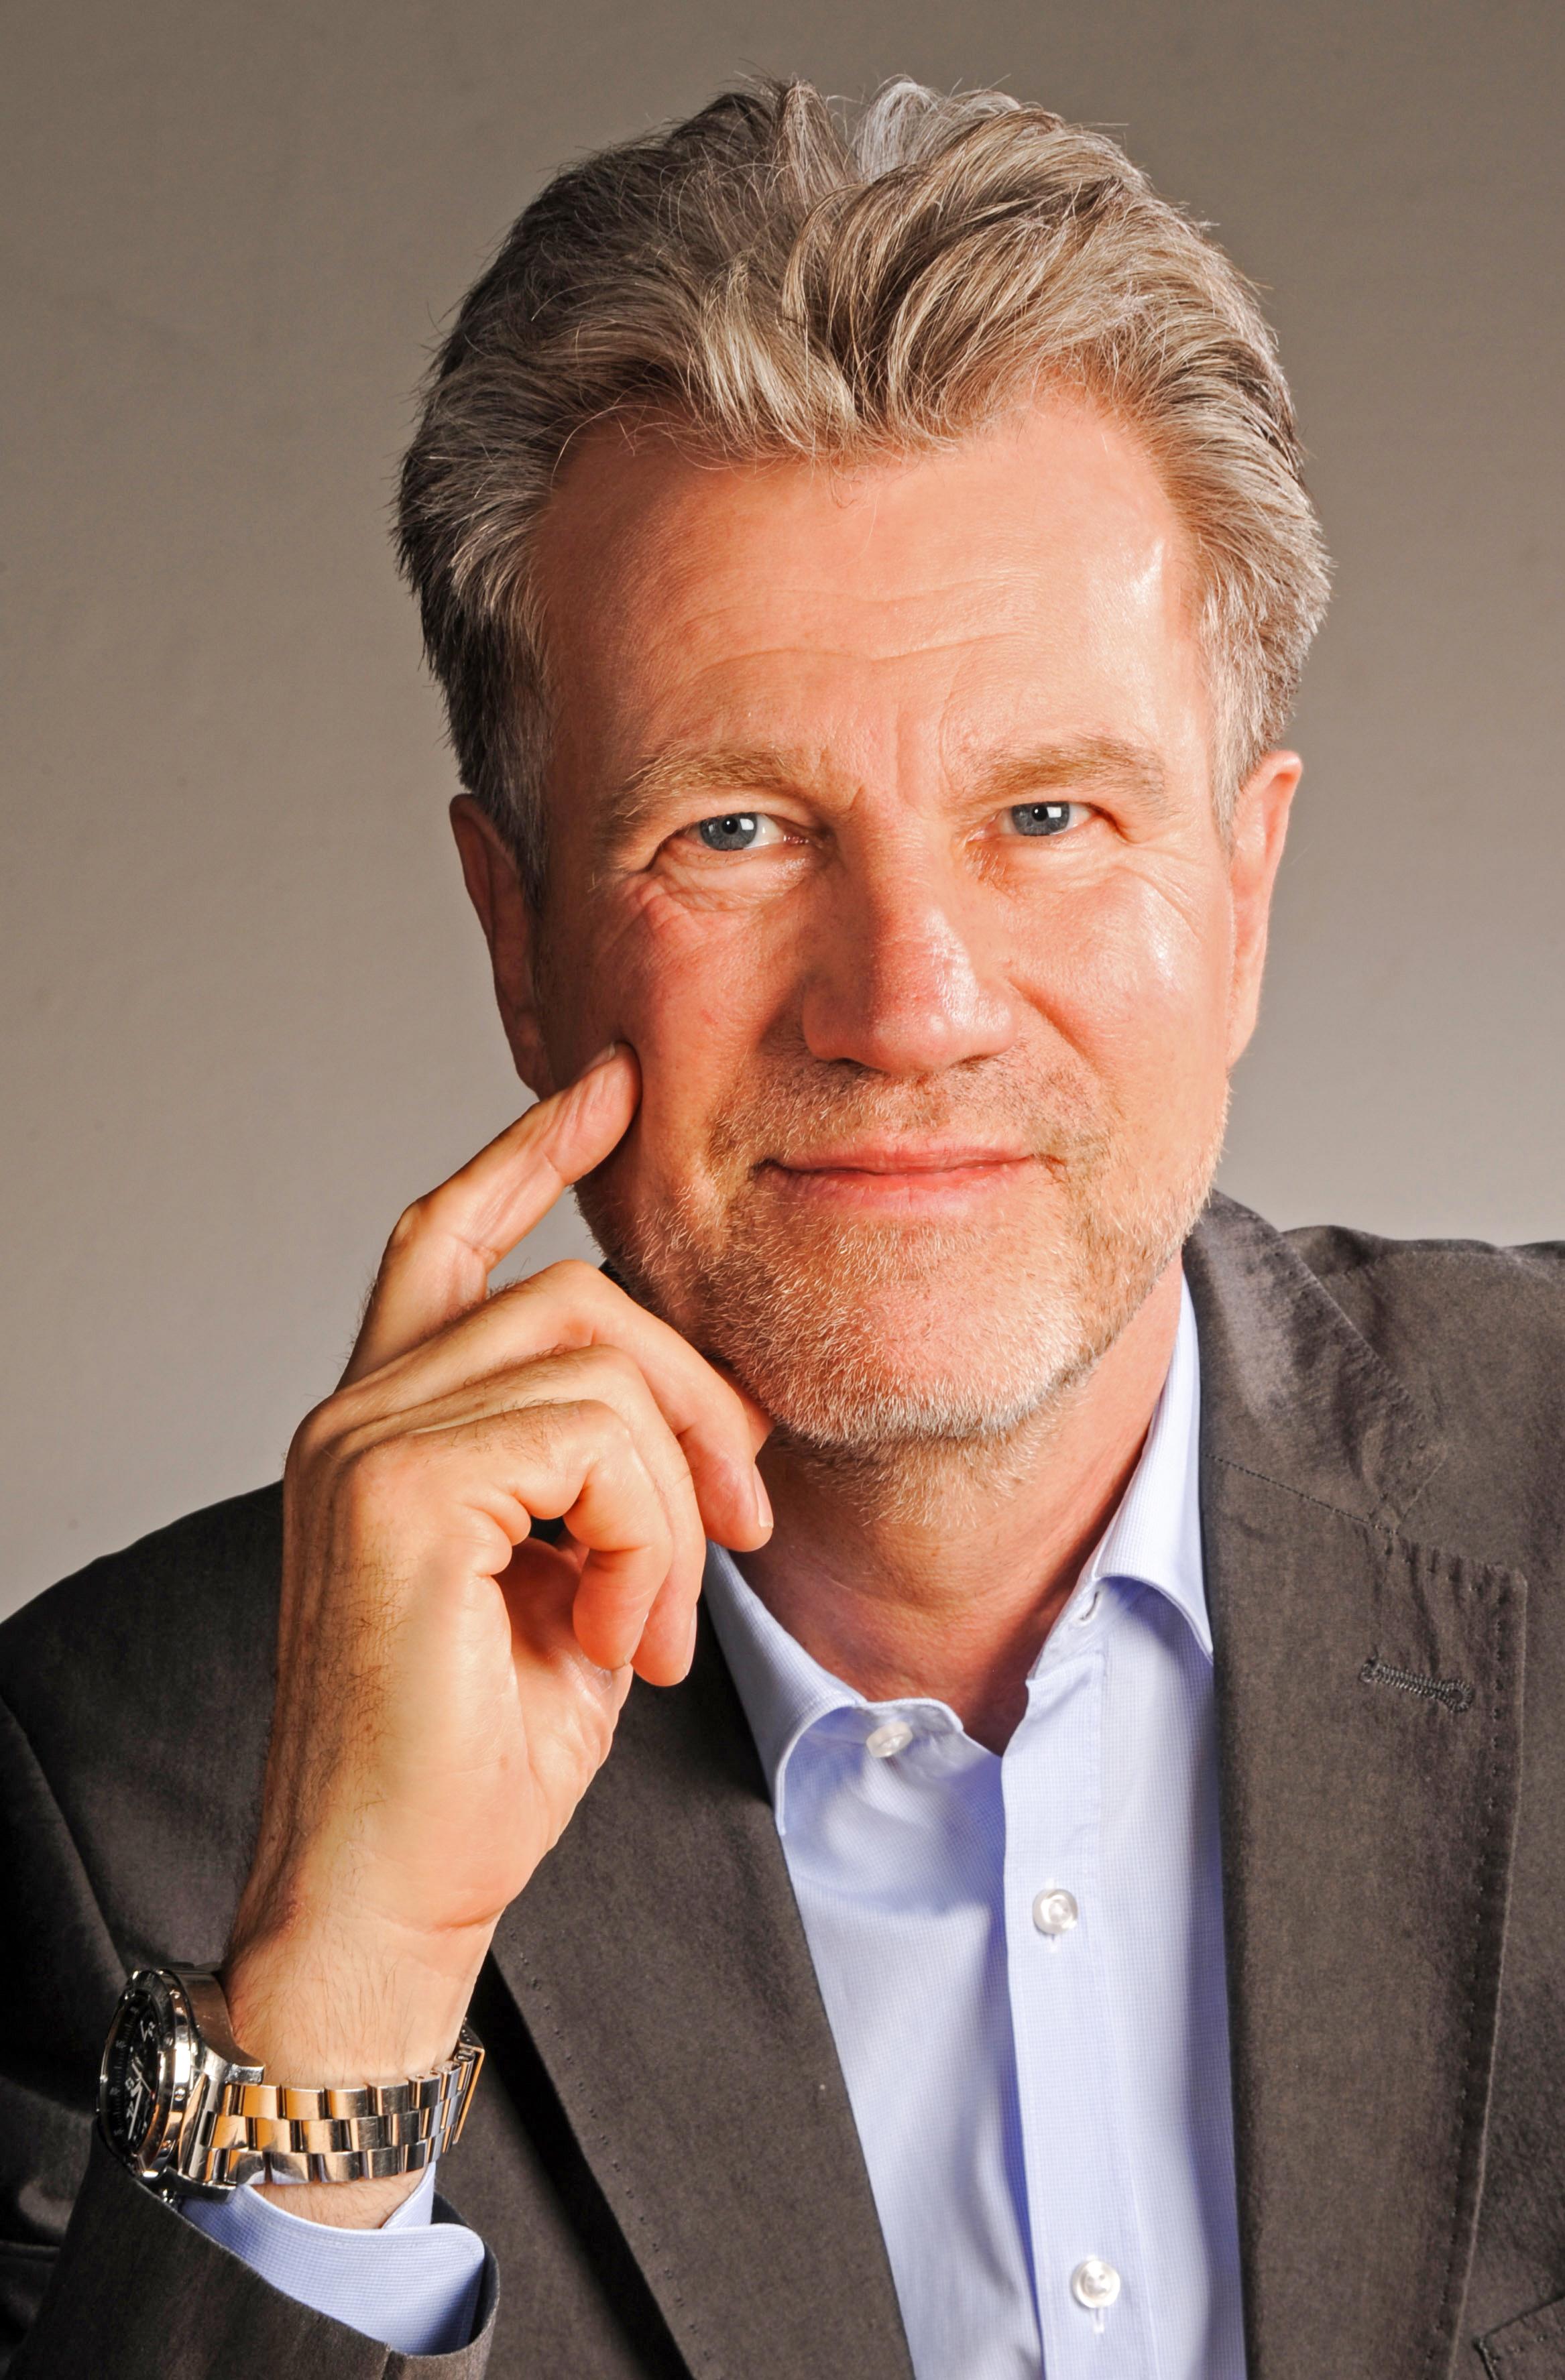 Der bekannte TV-Moderator Peter von Sassen wird Cruise Leader für Iceland ProCruises auf der OCEAN DIAMOND, für die es günstige Frühlingsangebote gibt